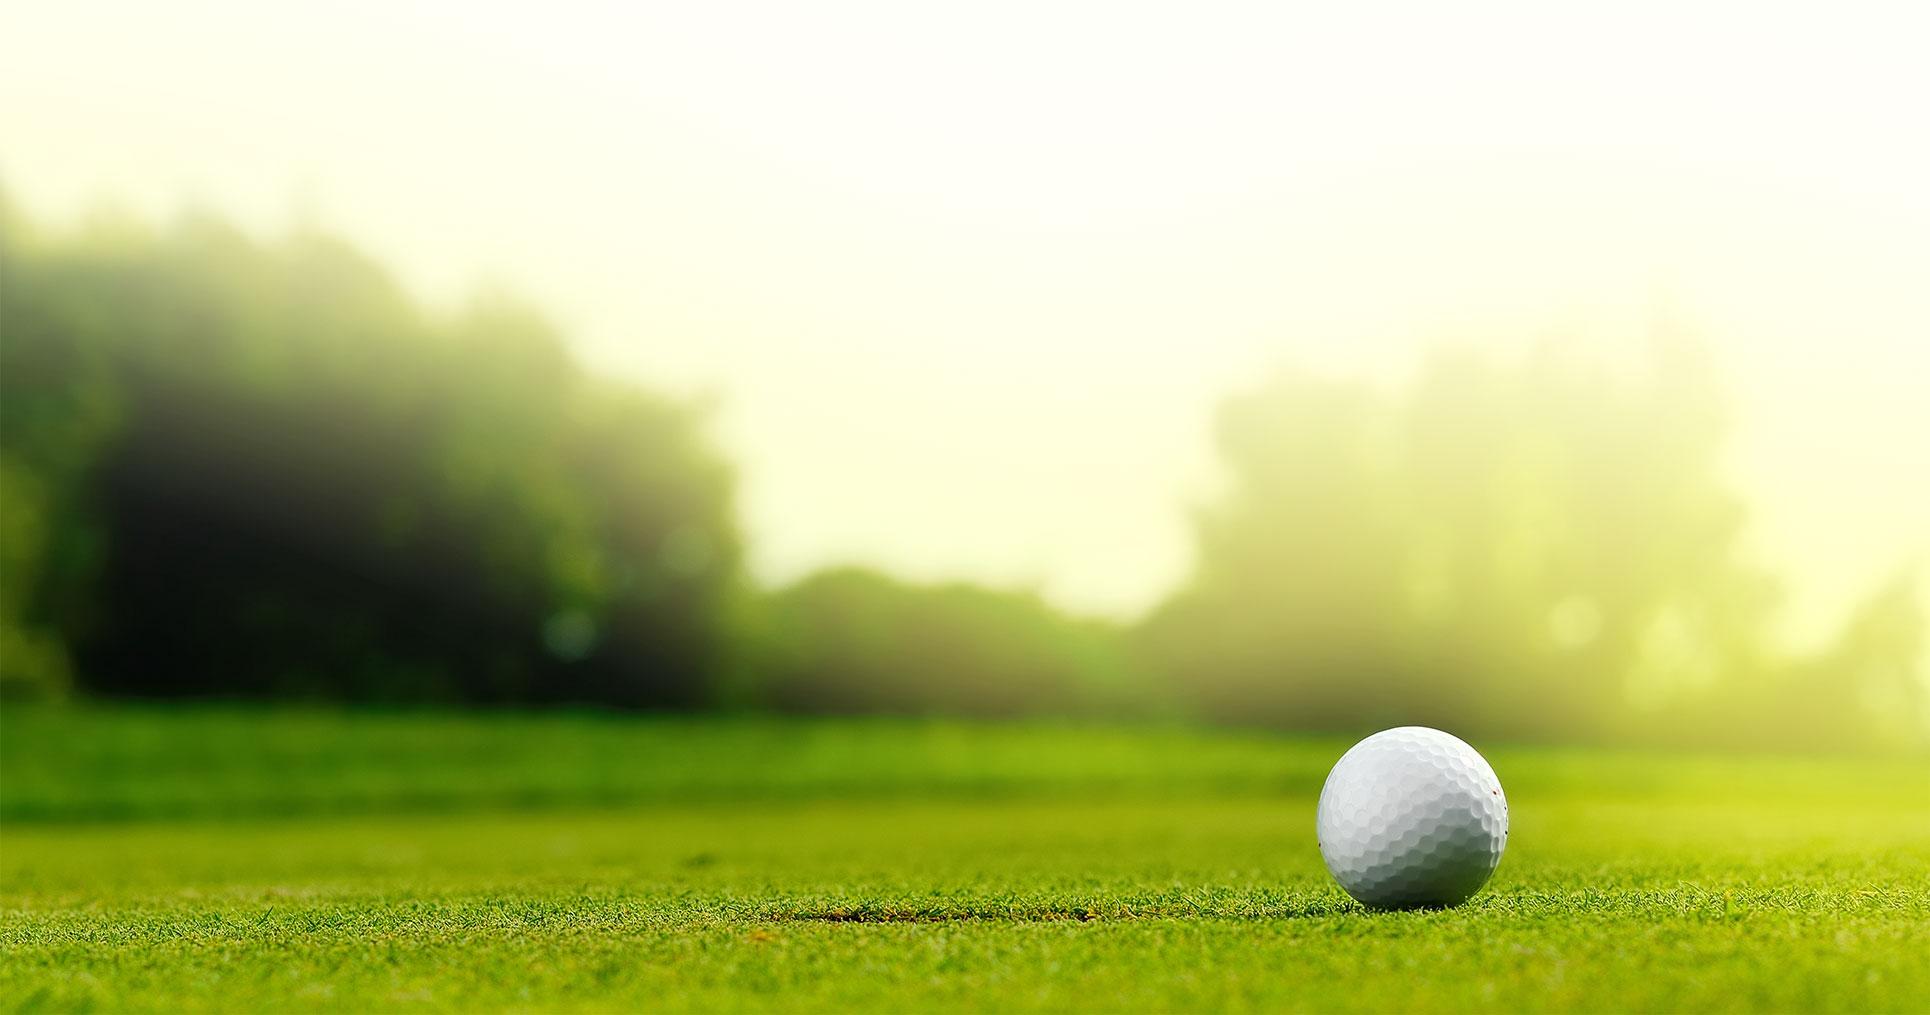 bg_golf3